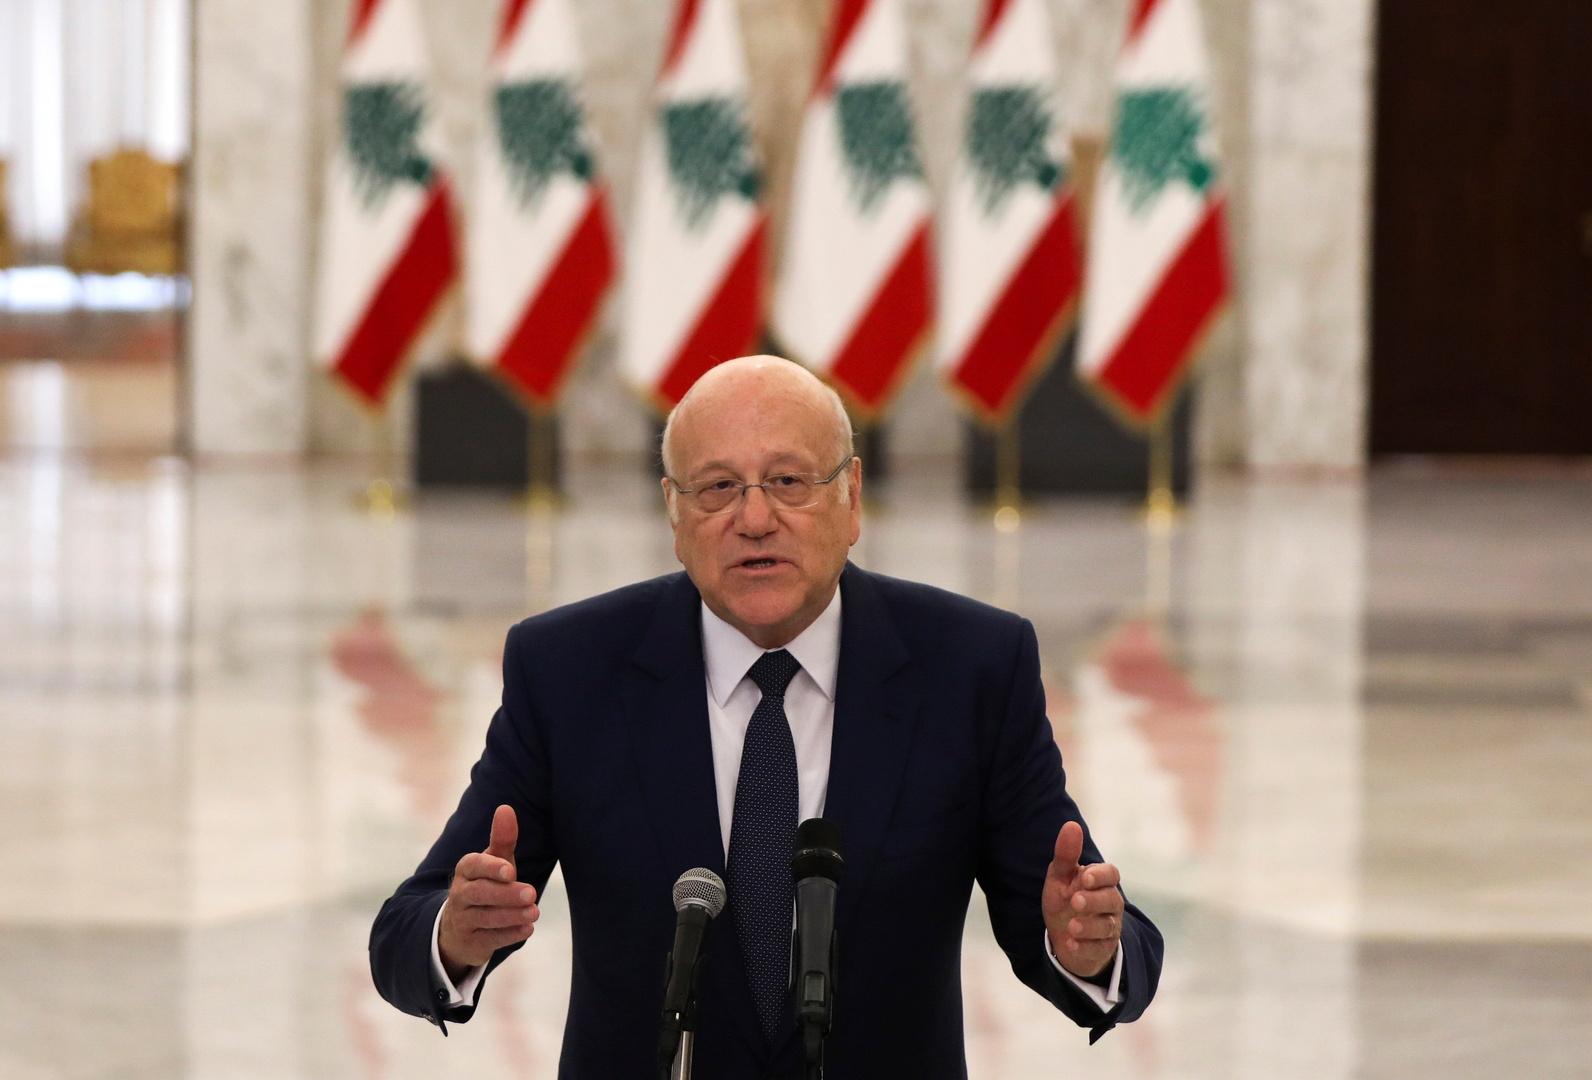 ميقاتي: لبنان يشبه اليوم المريض في غرفة الطوارئ والجيش أثبت قدرته على حفظ الأمن